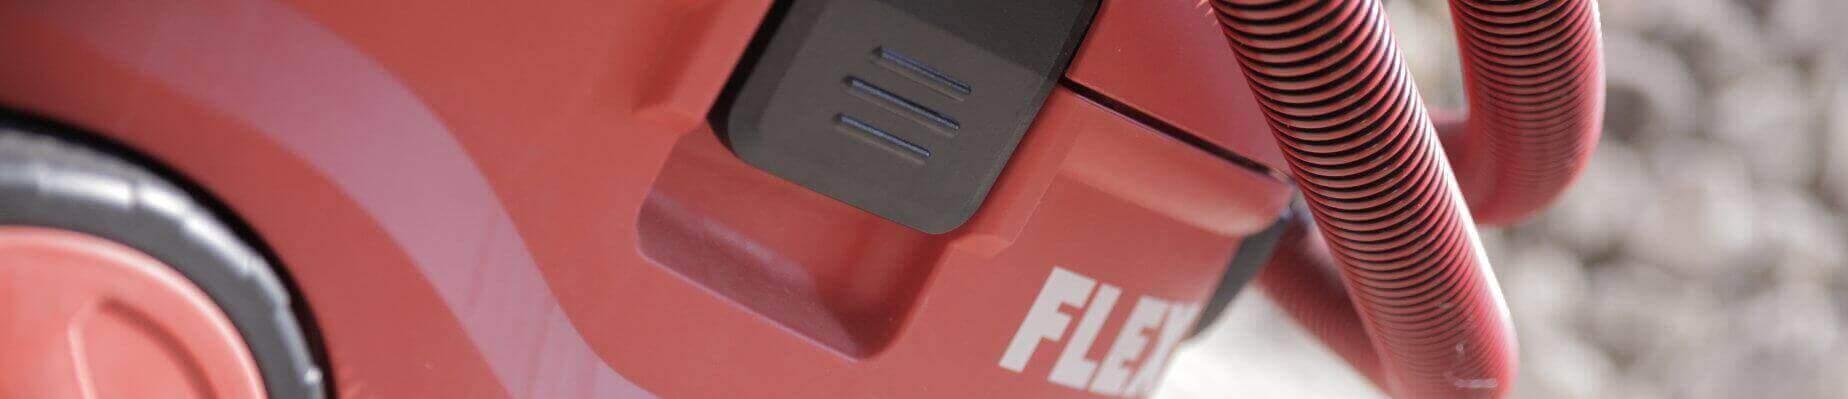 Eine Nahaufnahme des Industriestaubsaugers von Flex VCE 33 MAC. Die Farben sind rot weiß und schwarz. Man sieht auf dem Bild teile des Schlachs, ein wenig vom Rad und teilweise das Gehäuse des Saugers.